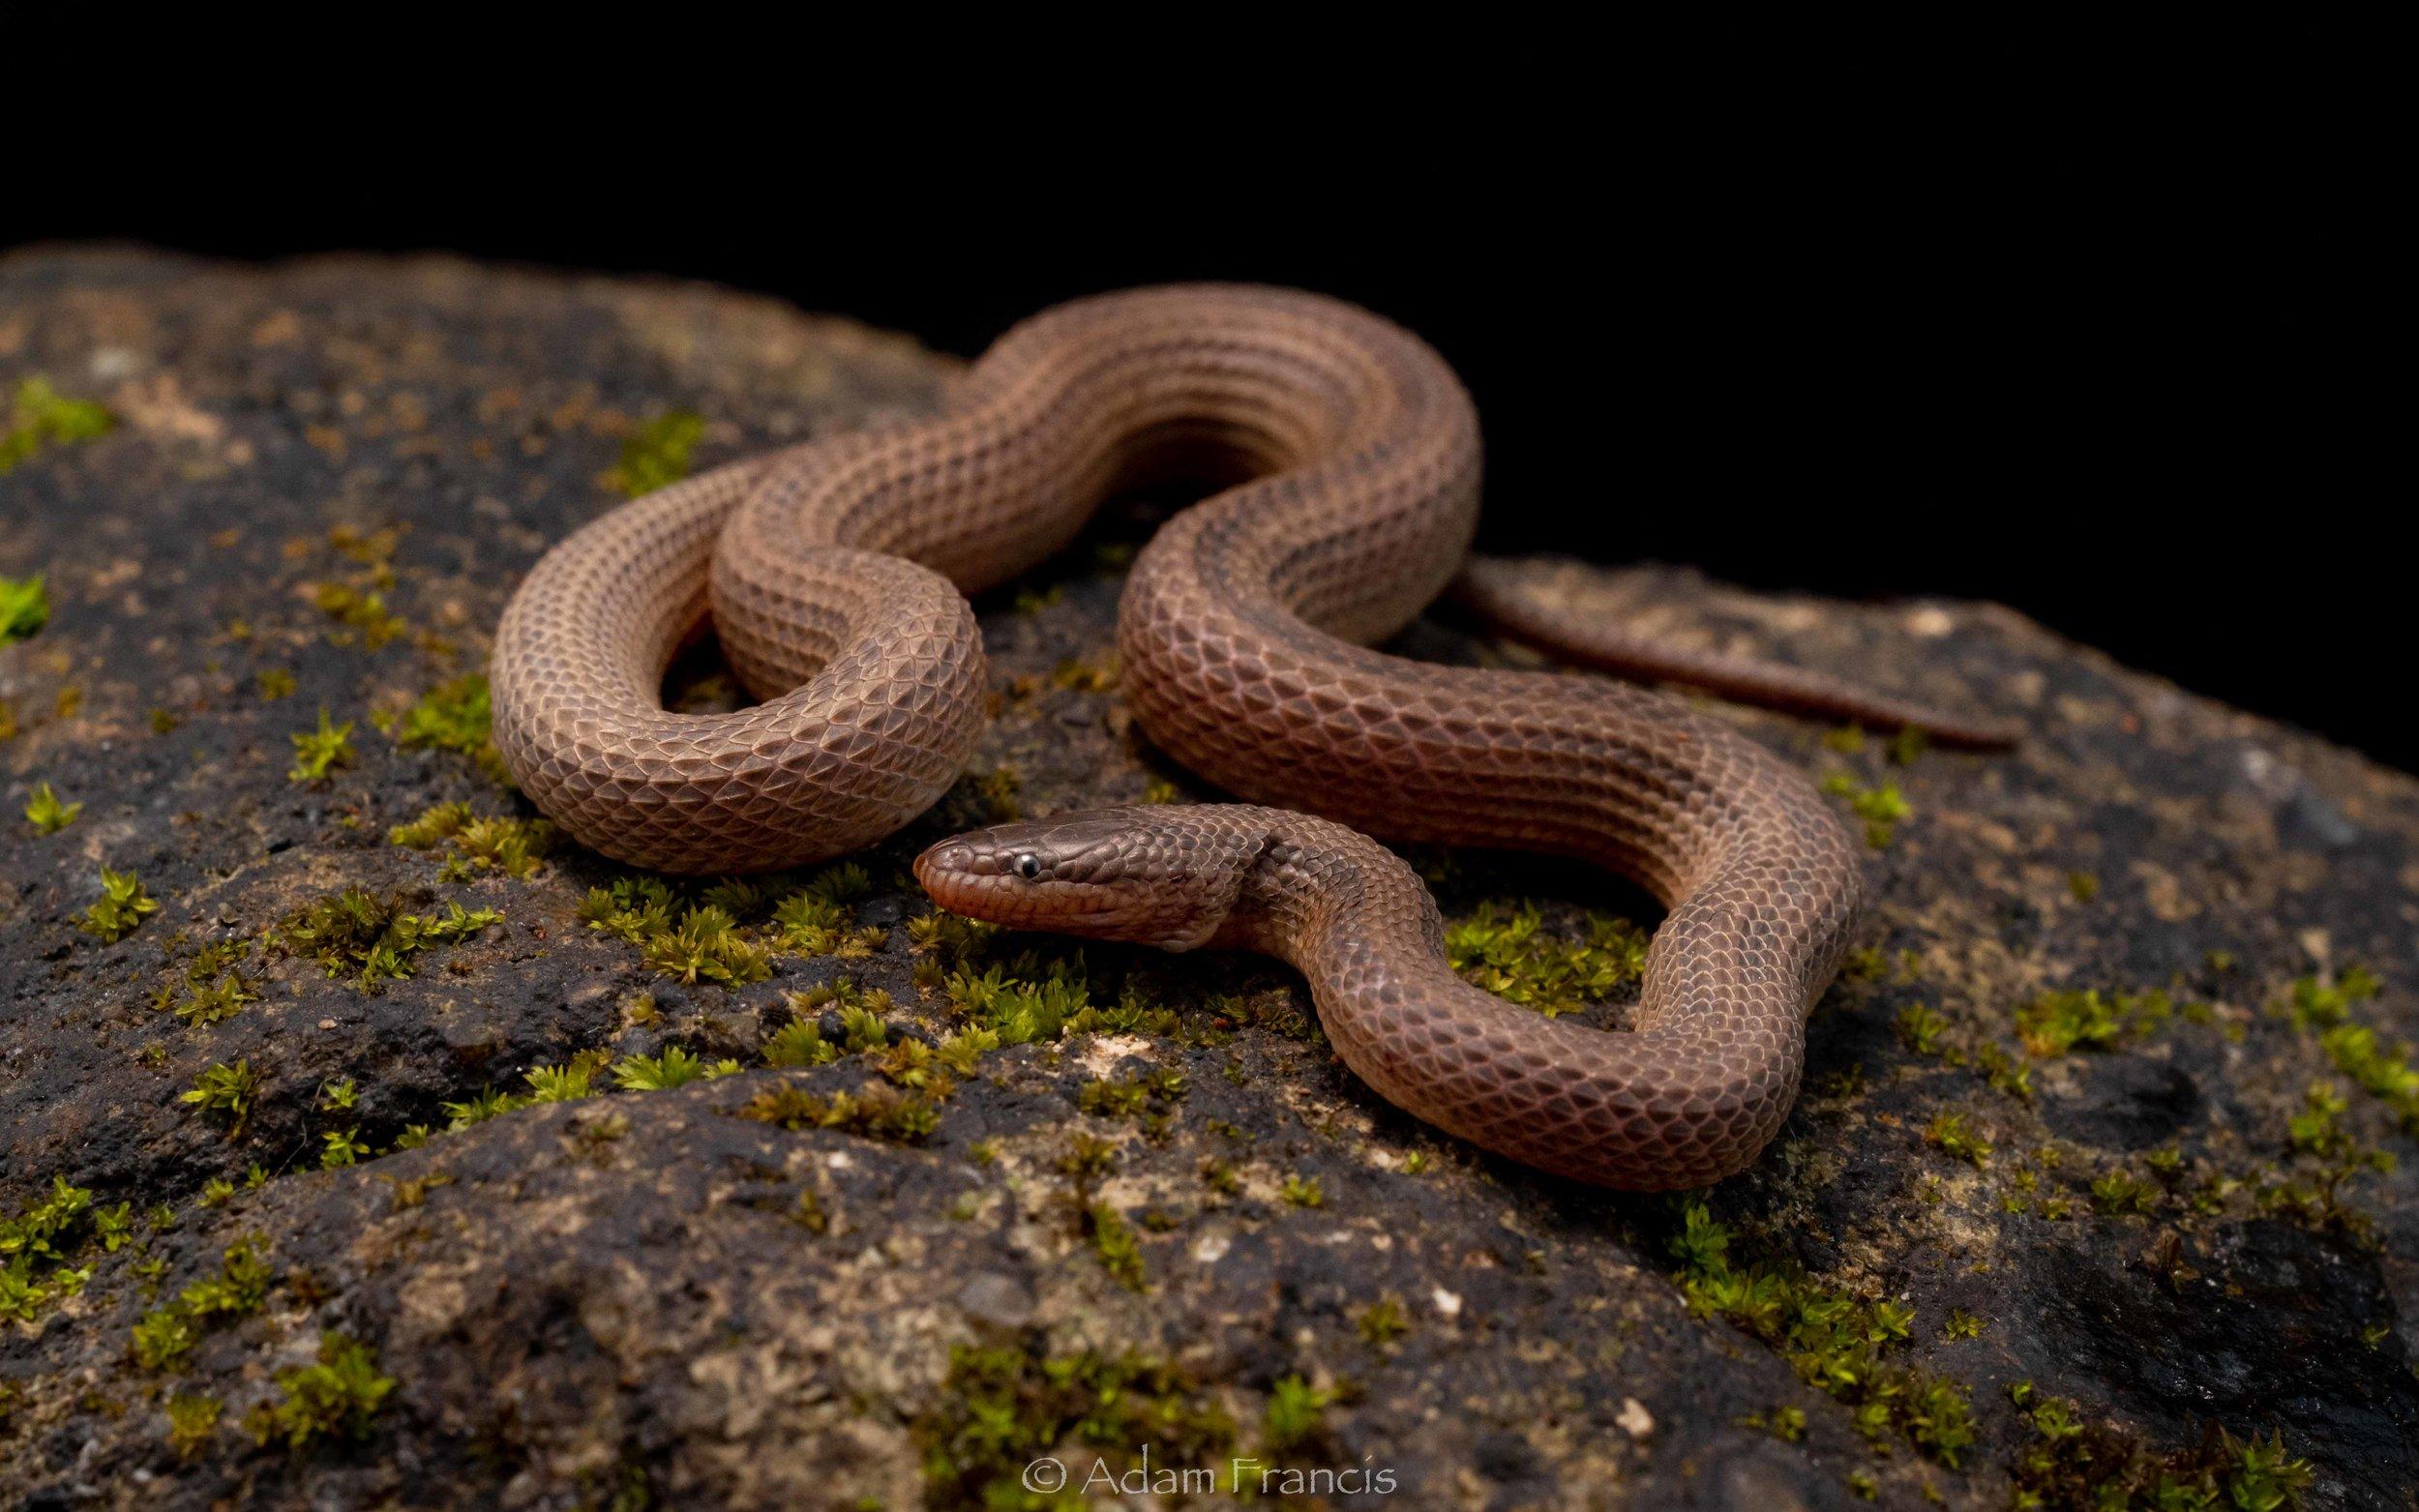 Striped Stream Snake - Opisthotropis balteata